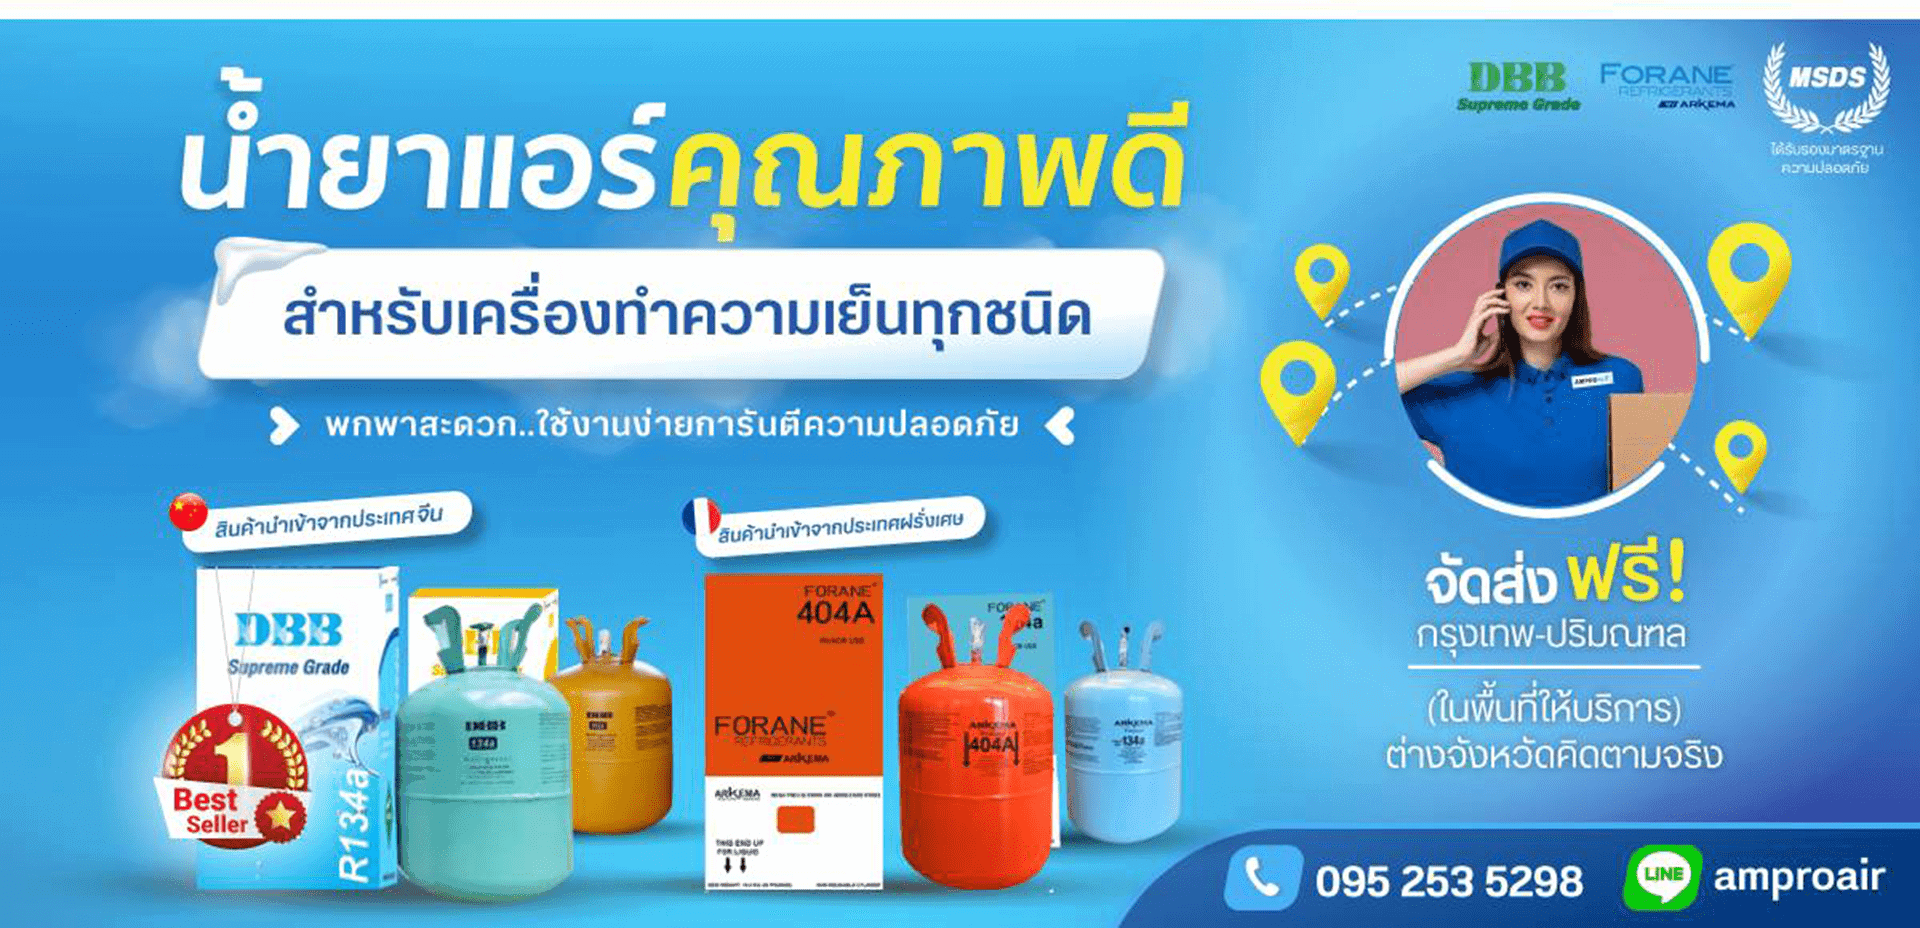 น้ำยาแอร์-คุณภาพสูง-ราคาถูกจัดส่งฟรี